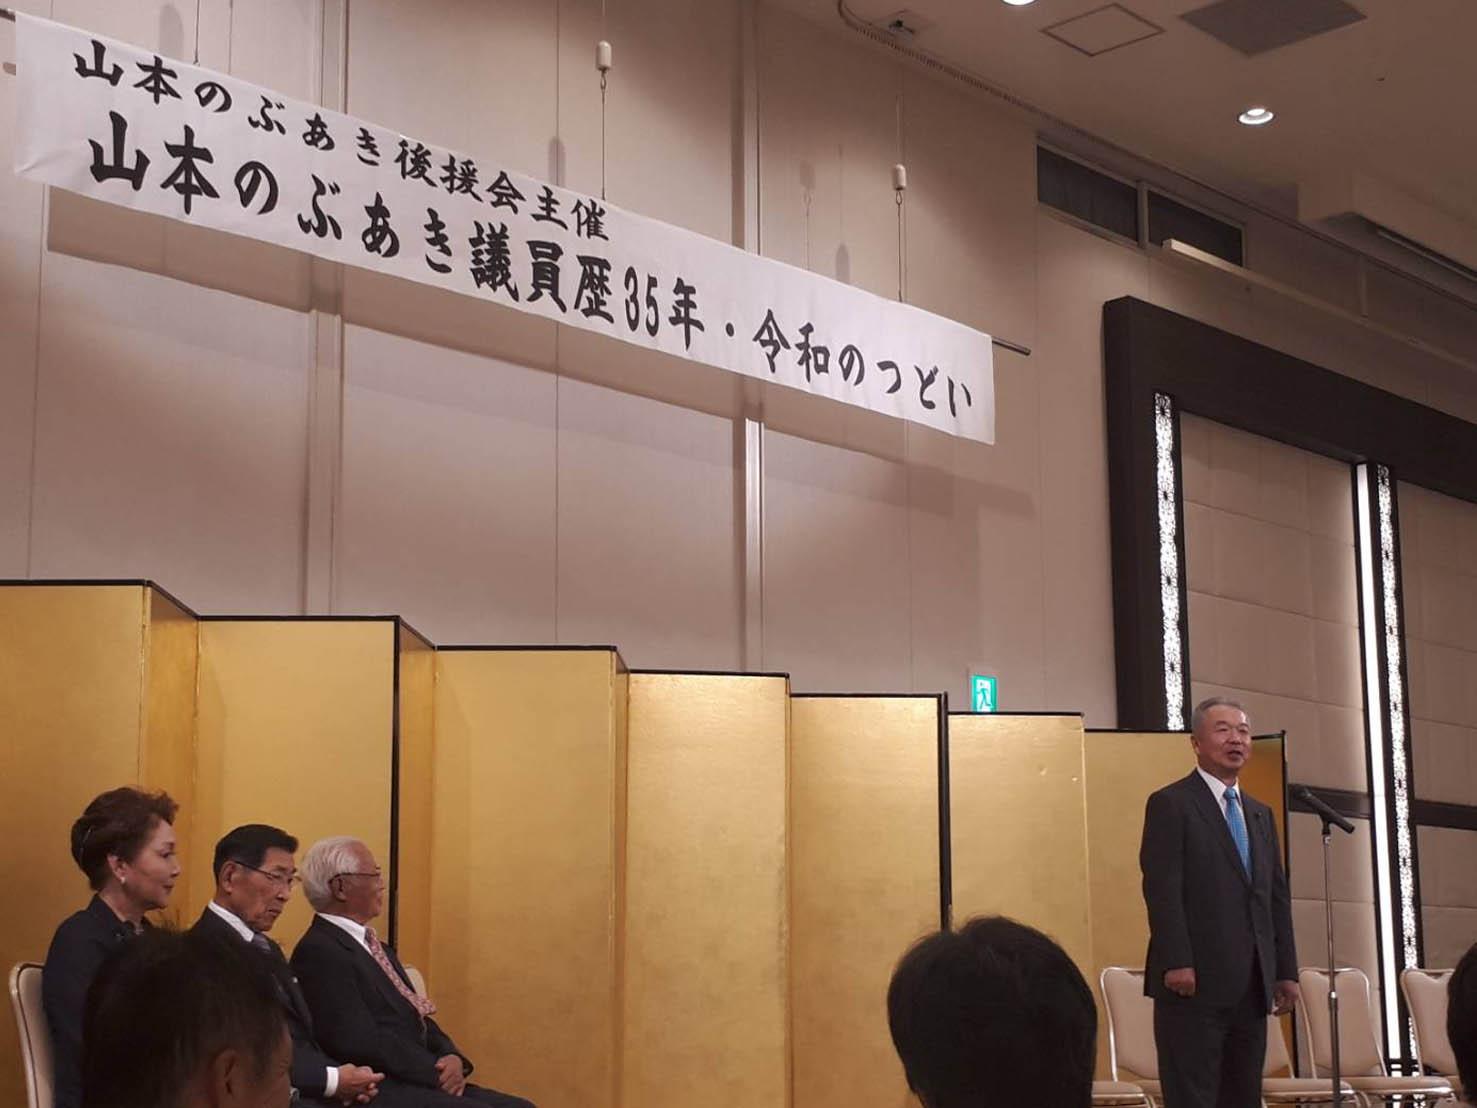 山本のぶあき奈良県議会議員・令和のつどい@THE KASHIHARA